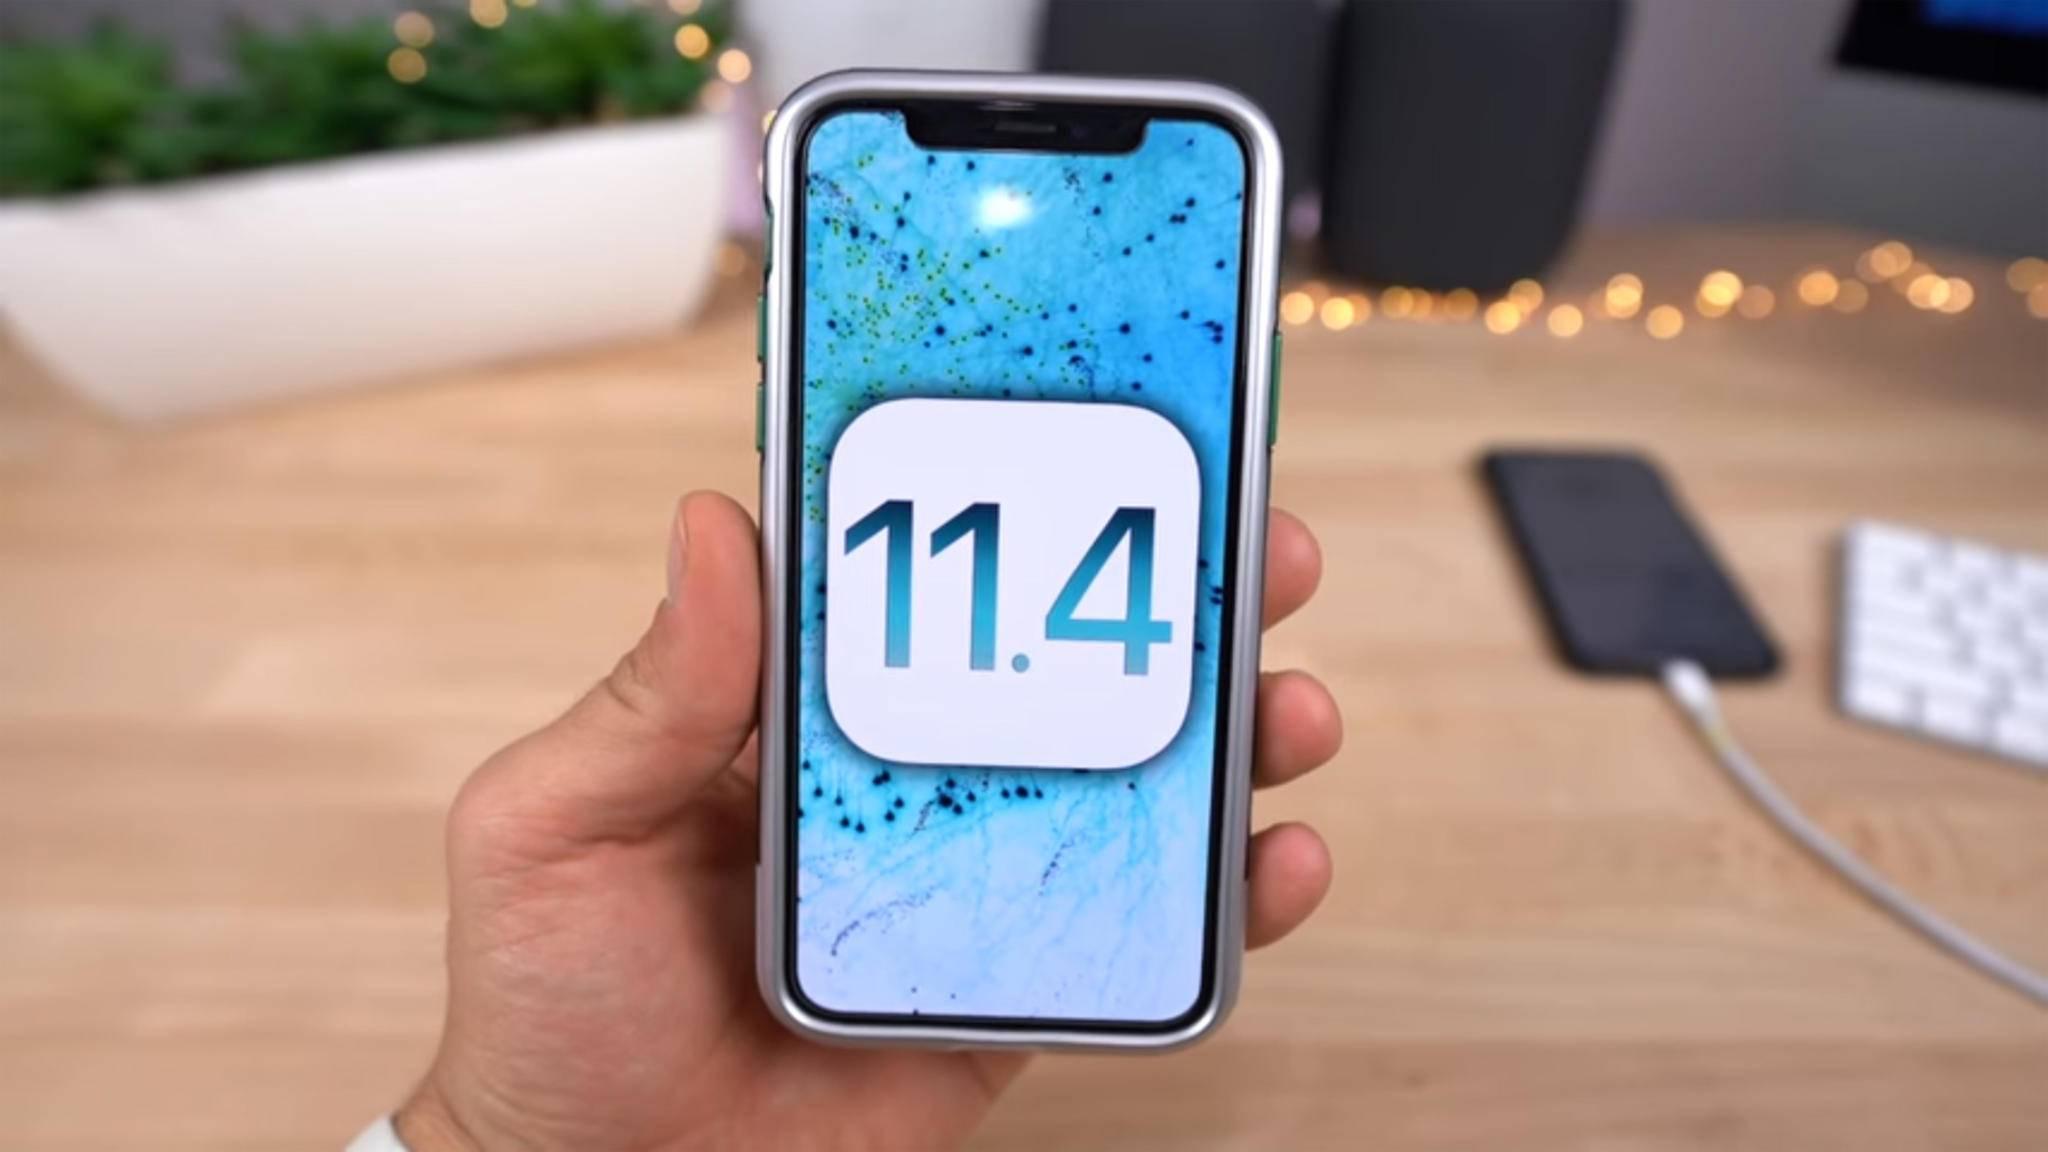 iOS 11.4 bringt nicht nur neue Features, sondern auch Fehlerbehebungen für das iPhone und iPad.